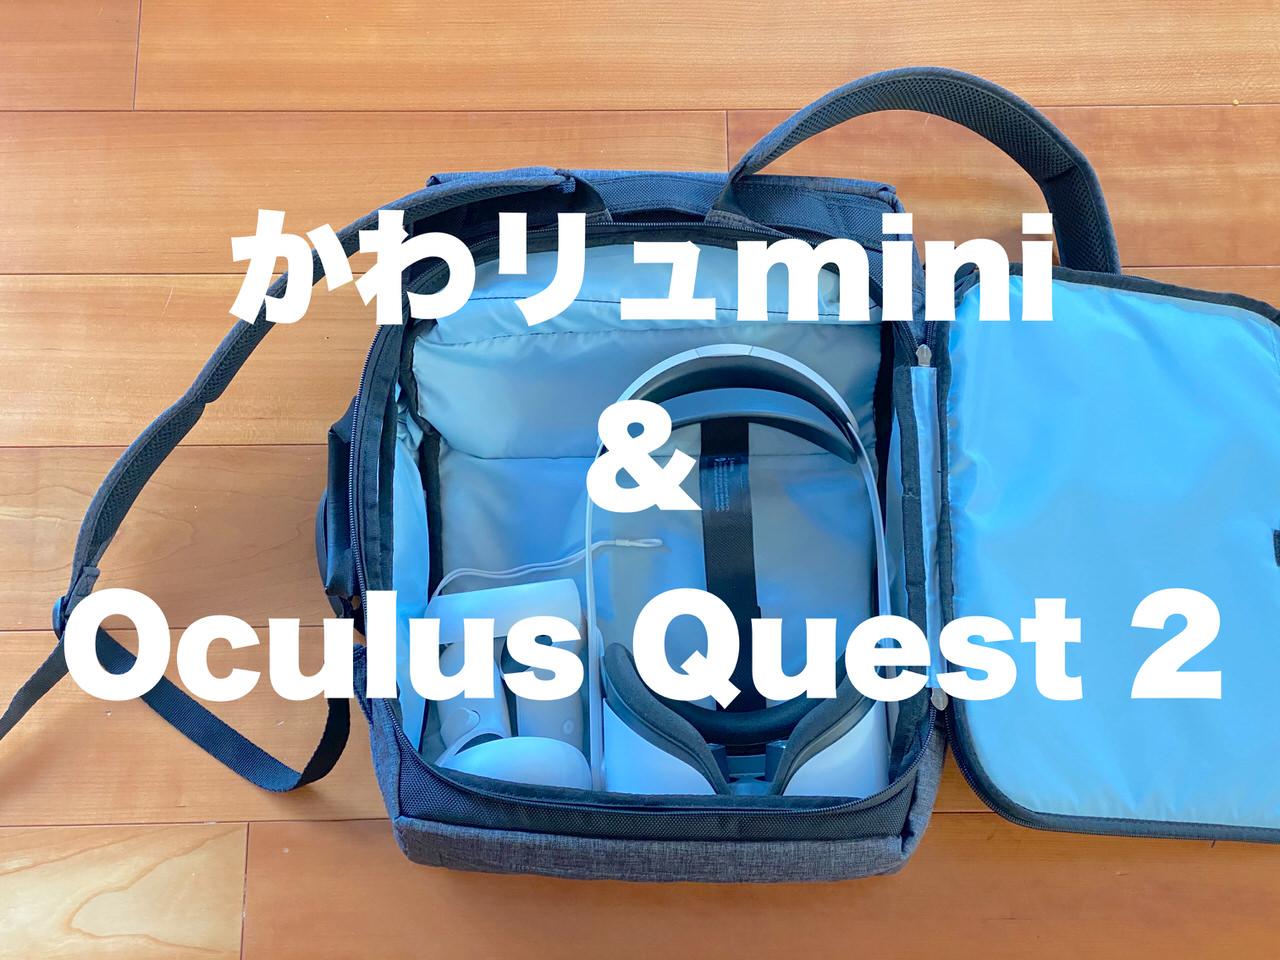 「かわるビジネスリュックmini」に「Oculus Quest 2」は本当にジャストフィットするのか?